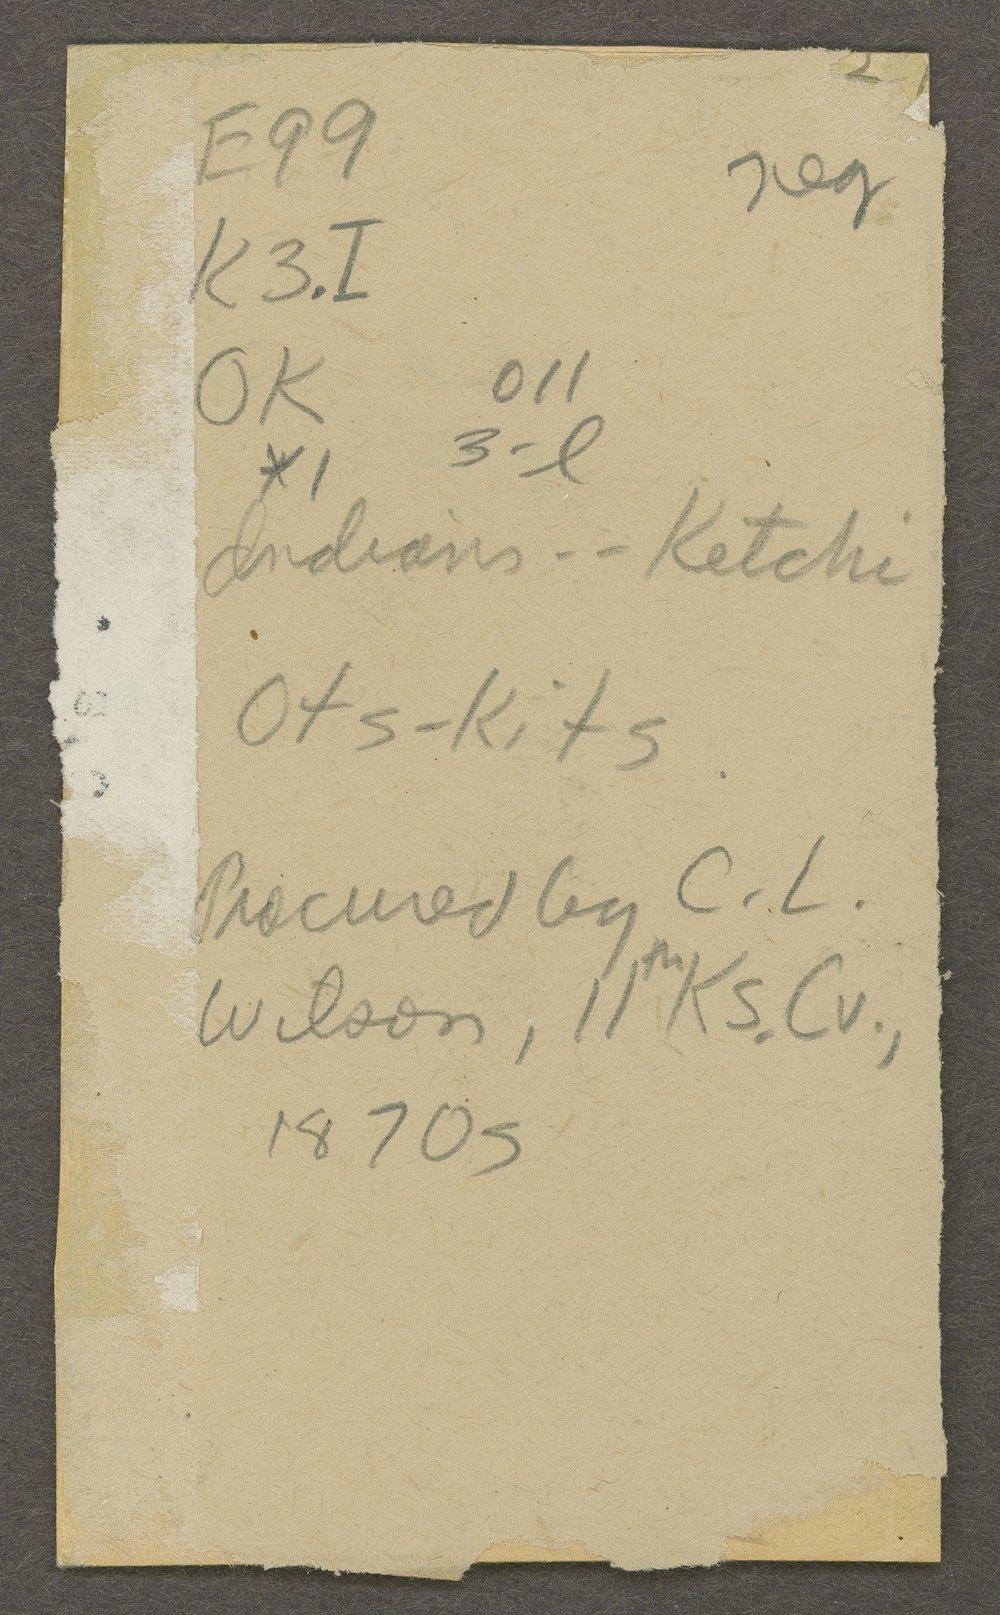 Ots-Kits, Kichai tribe, in Indian Territory - 2